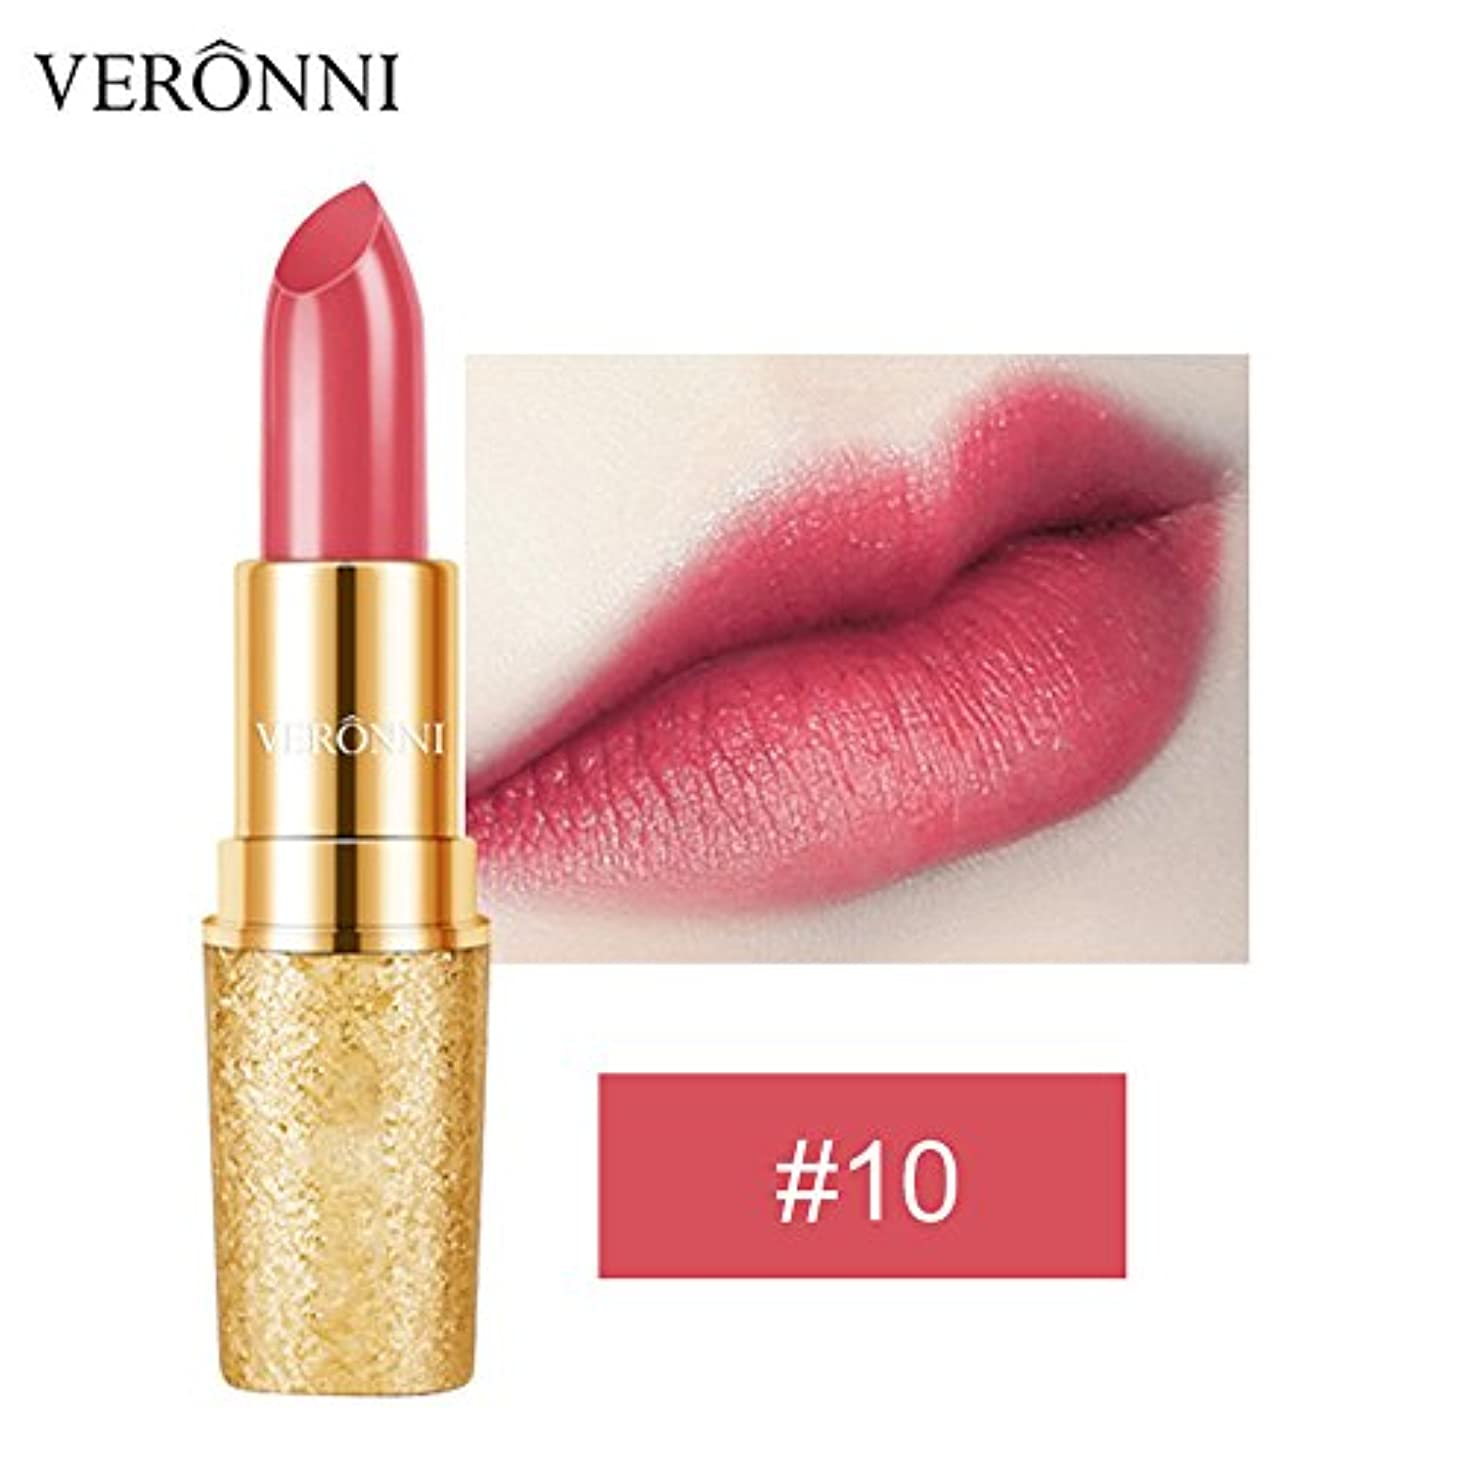 再発するはさみプラグ?Keysims 回転口紅 単色 19色選択 ゴールドデザイン 魅力的 買う価値ある口紅 恋する唇 自然なツヤ 長続き リップスティック リップライナー リップグレーズ マットリップ リップグロス 綺麗 優れる発色 安い...